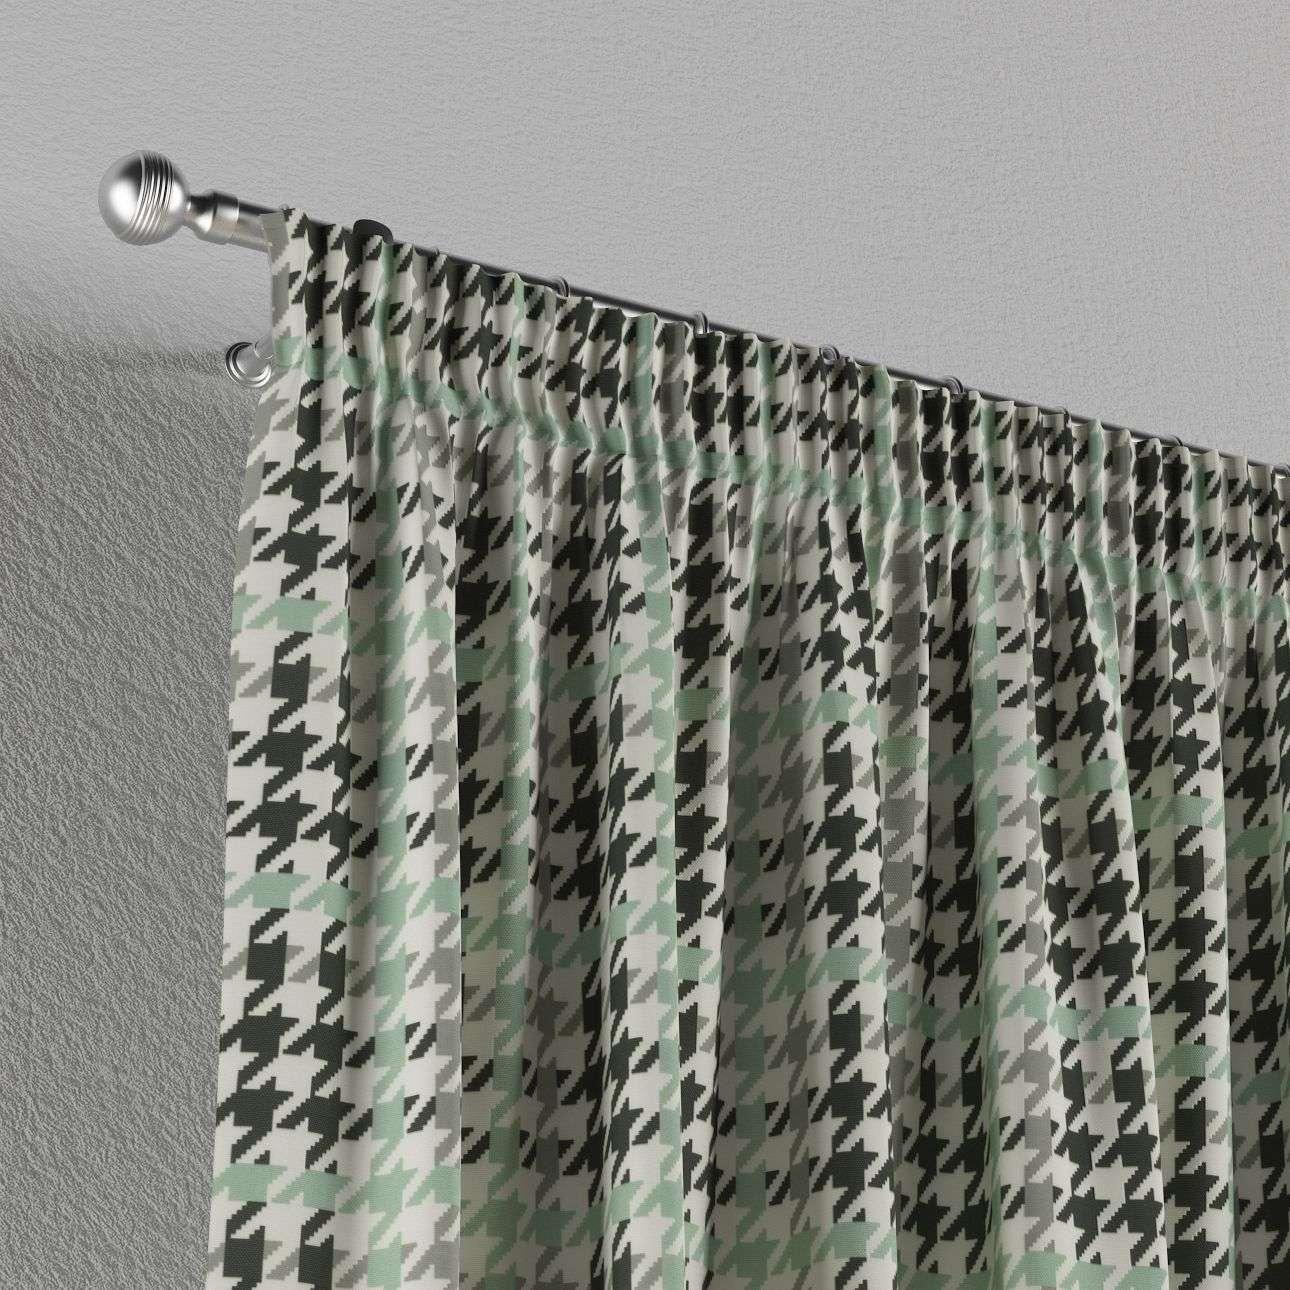 Pieštukinio klostavimo užuolaidos 130 x 260 cm (plotis x ilgis) kolekcijoje Brooklyn, audinys: 137-77